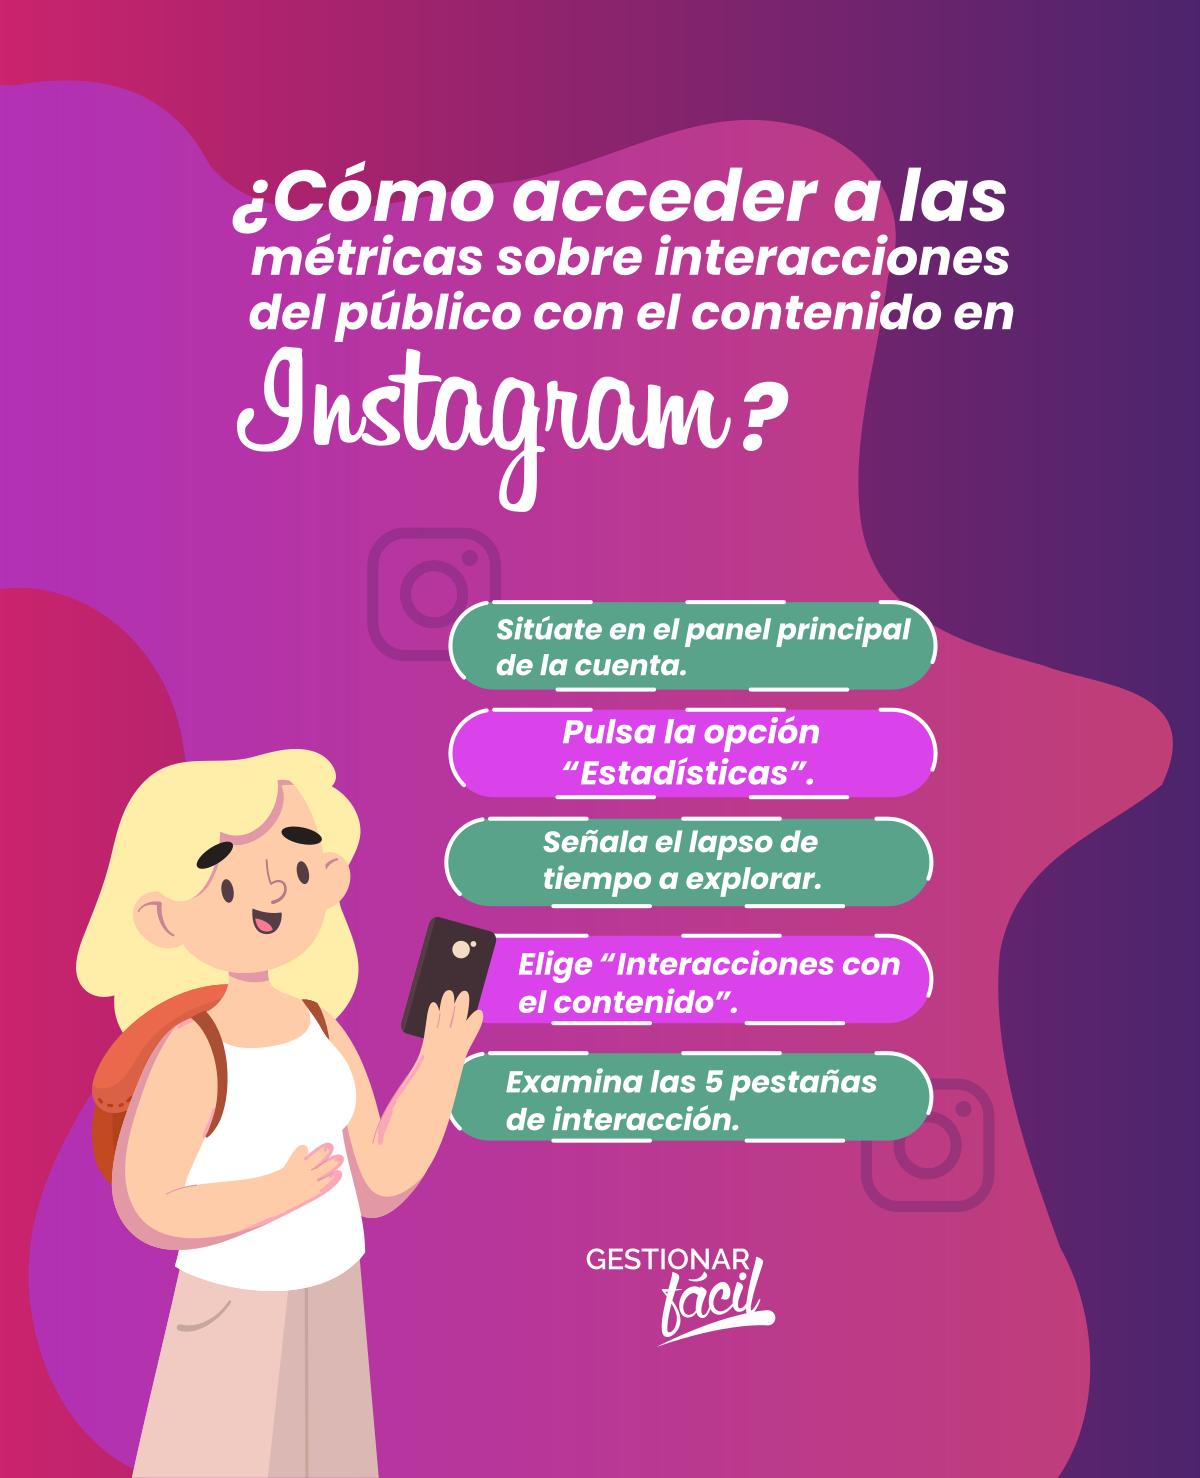 Pasos para ver métricas sobre interacciones del público con el contenido en Instagram